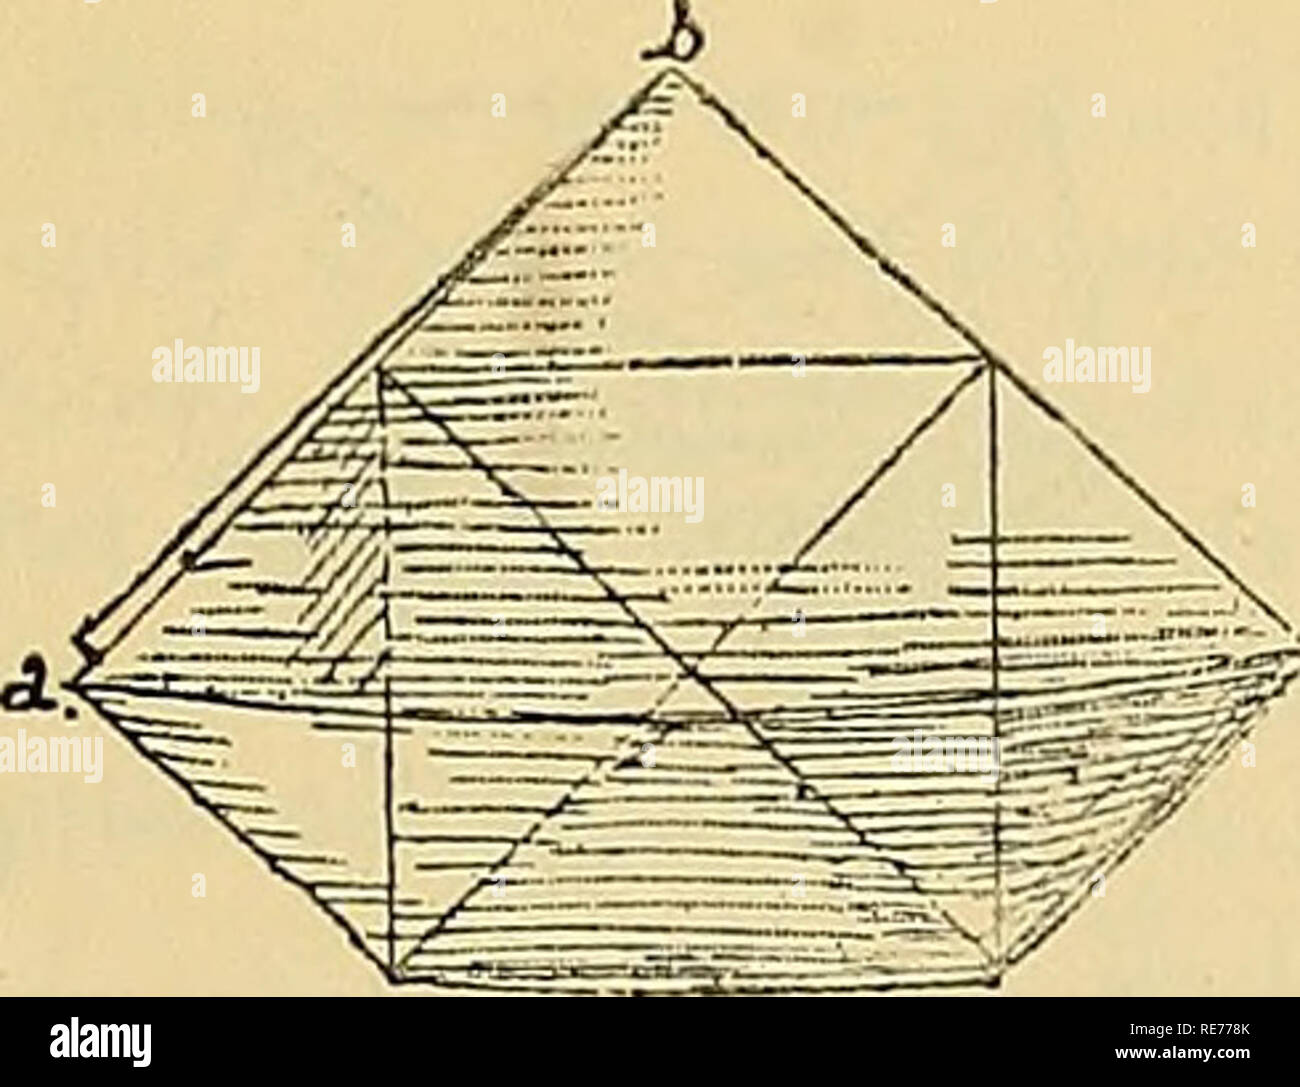 . Cosmos : revista ilustrada de artes y ciencias. La ciencia; la ciencia. Fio. 19't Llévense los áiij;obligaciones pendientes. h y c solii-r d i-riifru. lo que da lili ciKiÃ-lniiln. Keplégiiese eiitoiiees la mi- tad del euadrado supenor sobre la ]iarte inferior FIO. 189 Fie. 190 para obtener la Fig. 19r). PantalóN levantando la parte inferior b de la figura de pre- cedente, sobre la parte superior ii, se obtiene el pantalón, Fig. 190. SÃ-llii Cuando ,se quiere hacer la .silla, banfa desplegar , I >e-i<Ióblese igualmente el otro lado del barco hacer- la parte inferior de la fig. 189 y llevarla adelan- ble, j Foto de stock